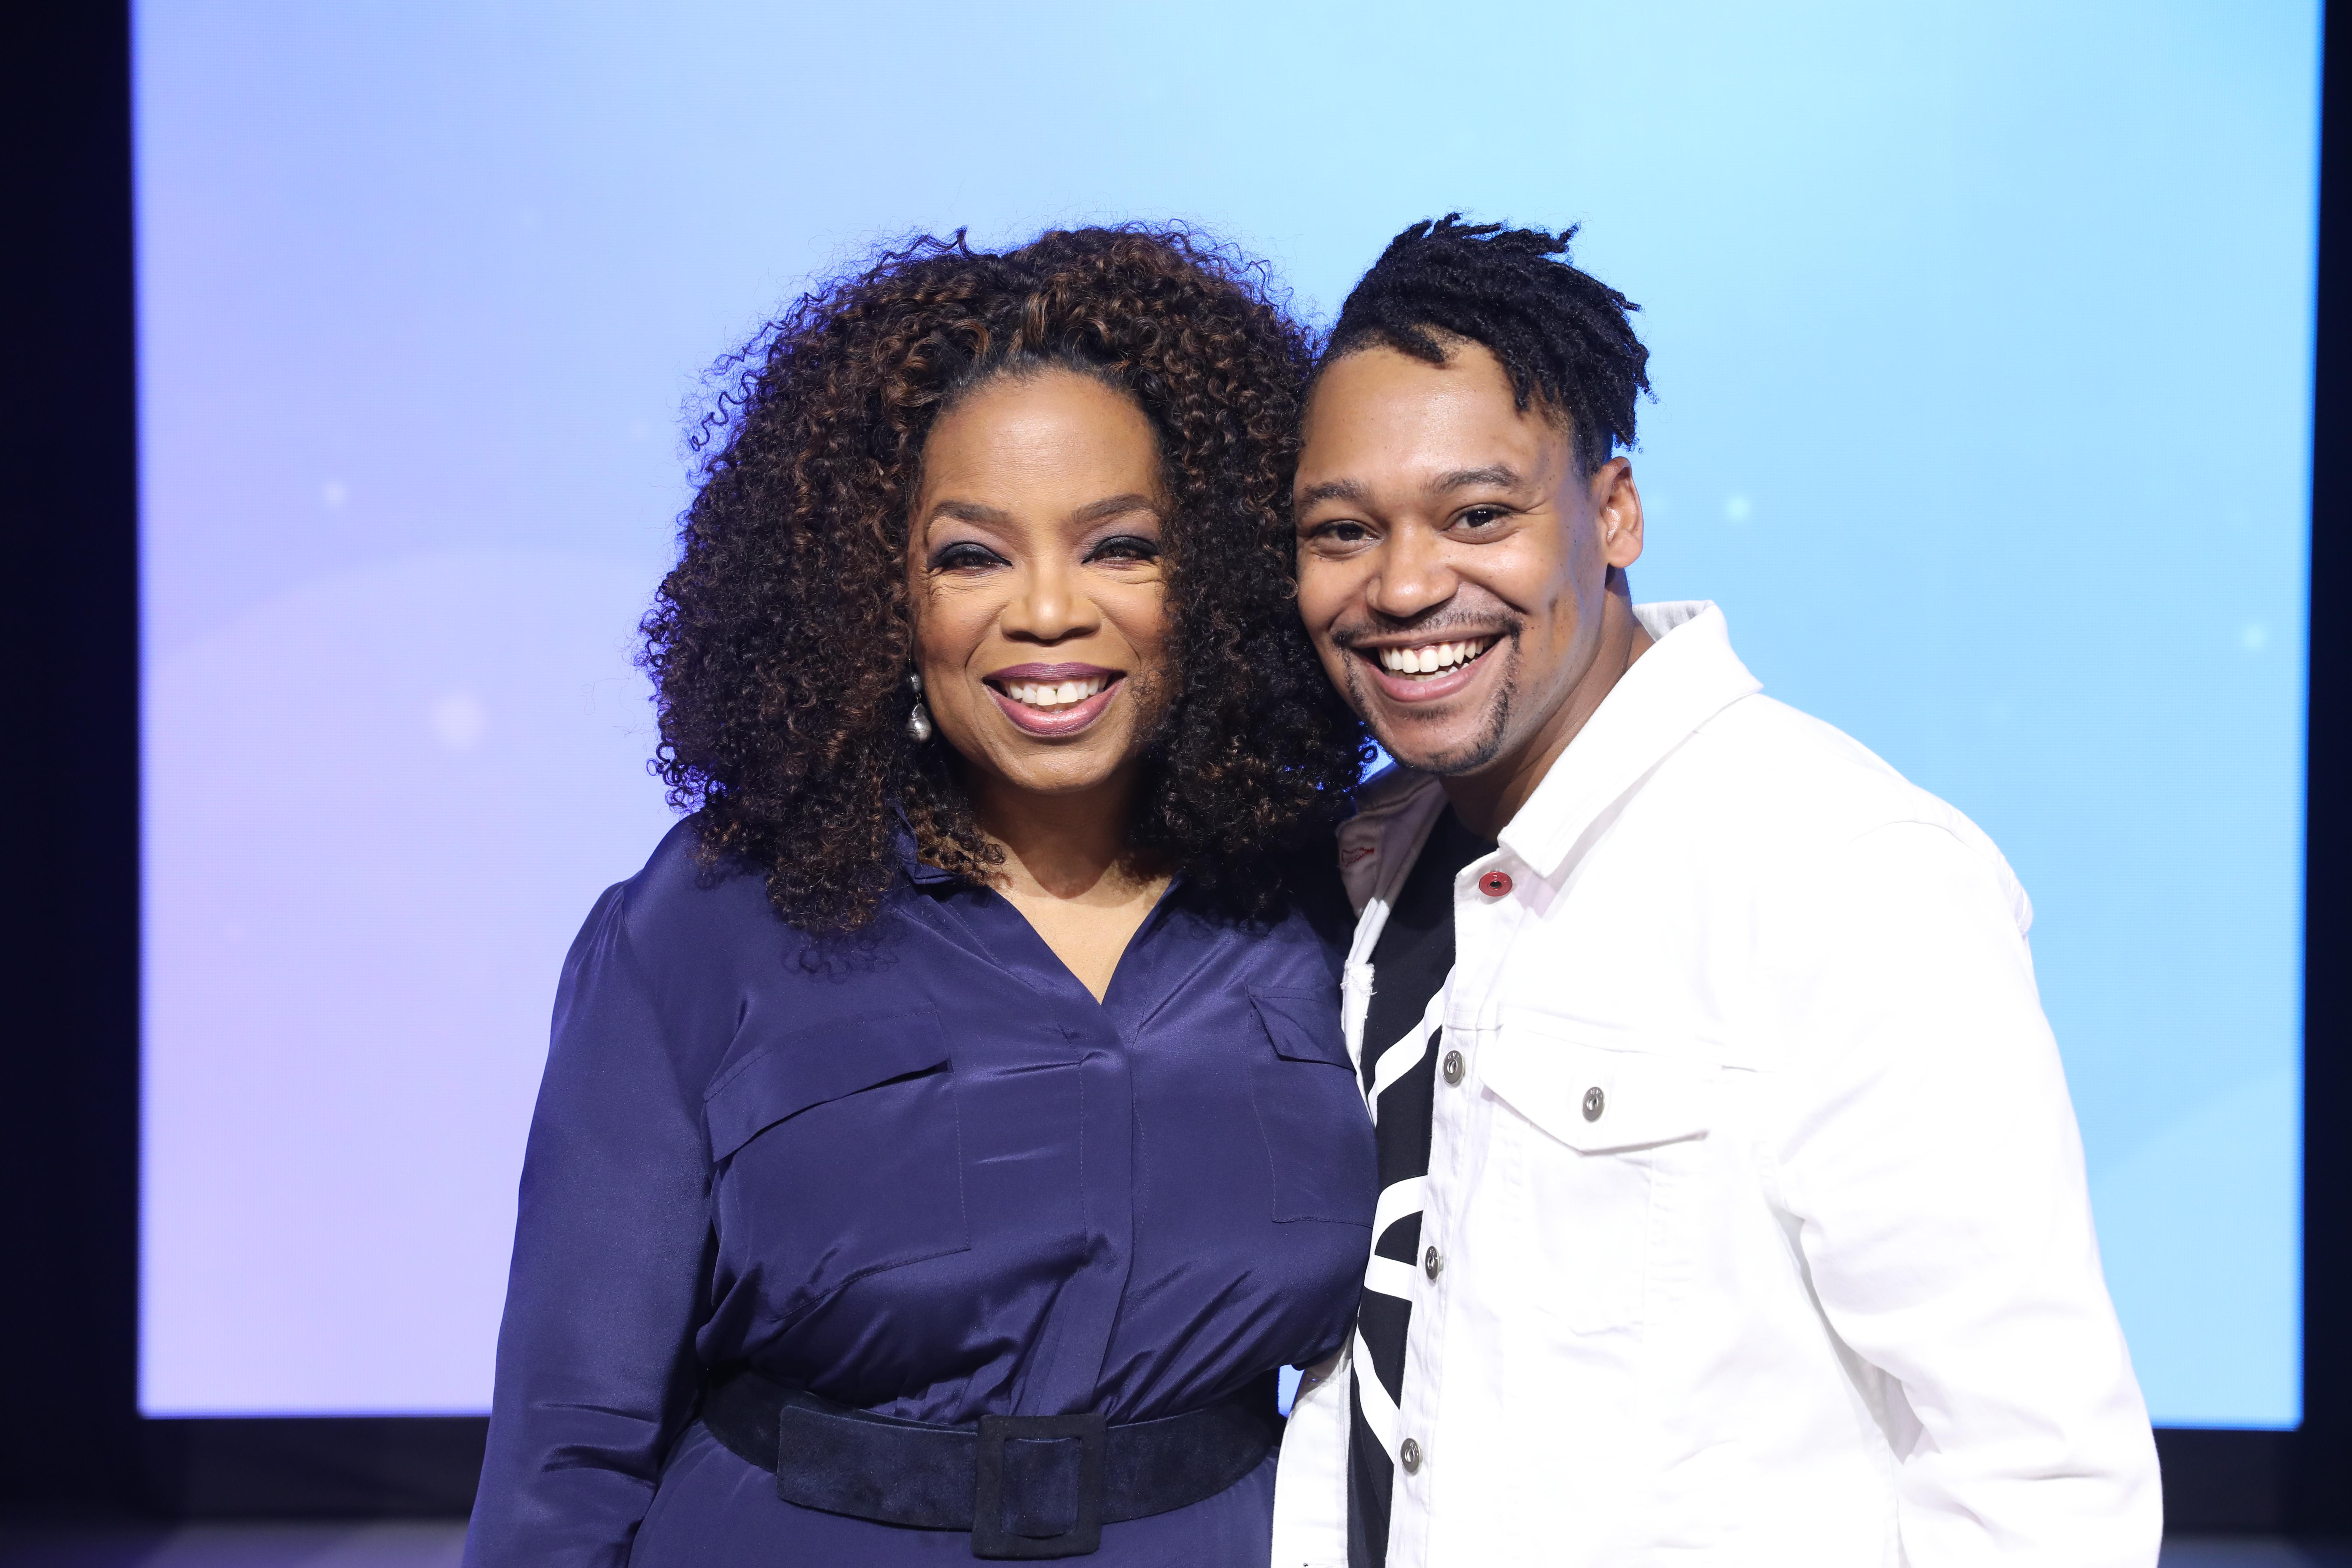 Oprah w Derek